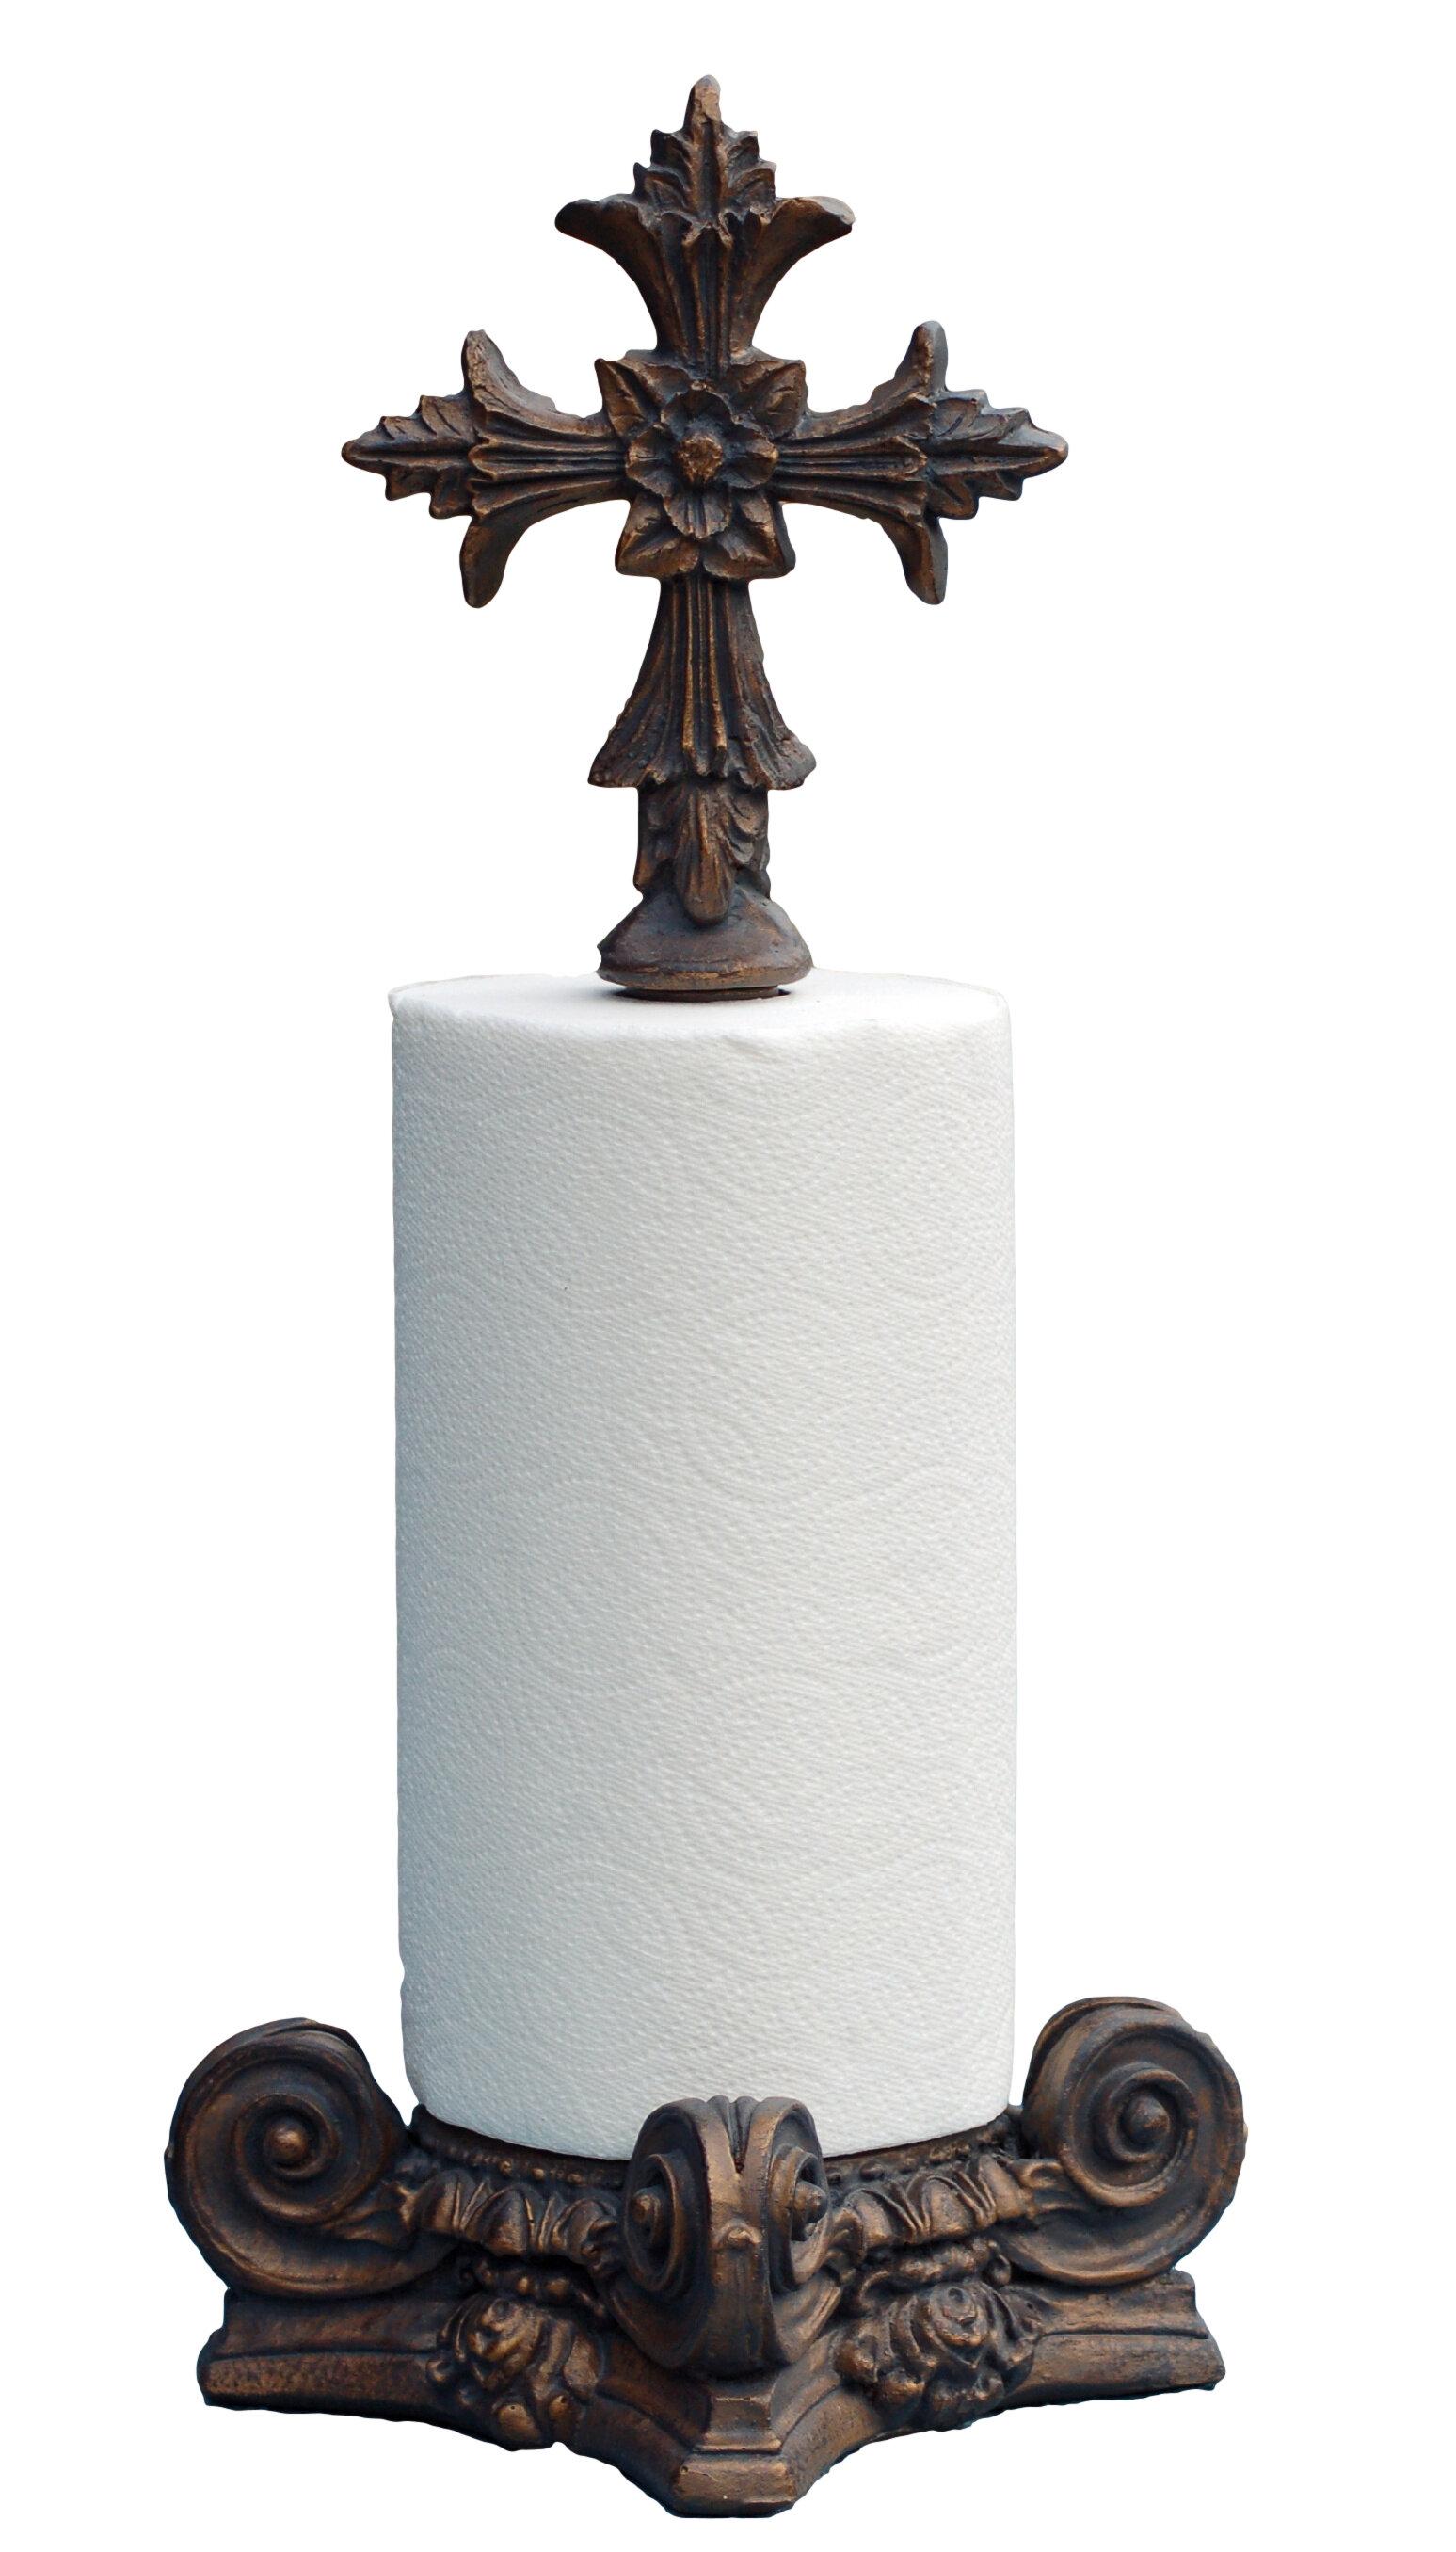 Hickory Manor House Fleur De Lis Top Paper Towel Holder Reviews